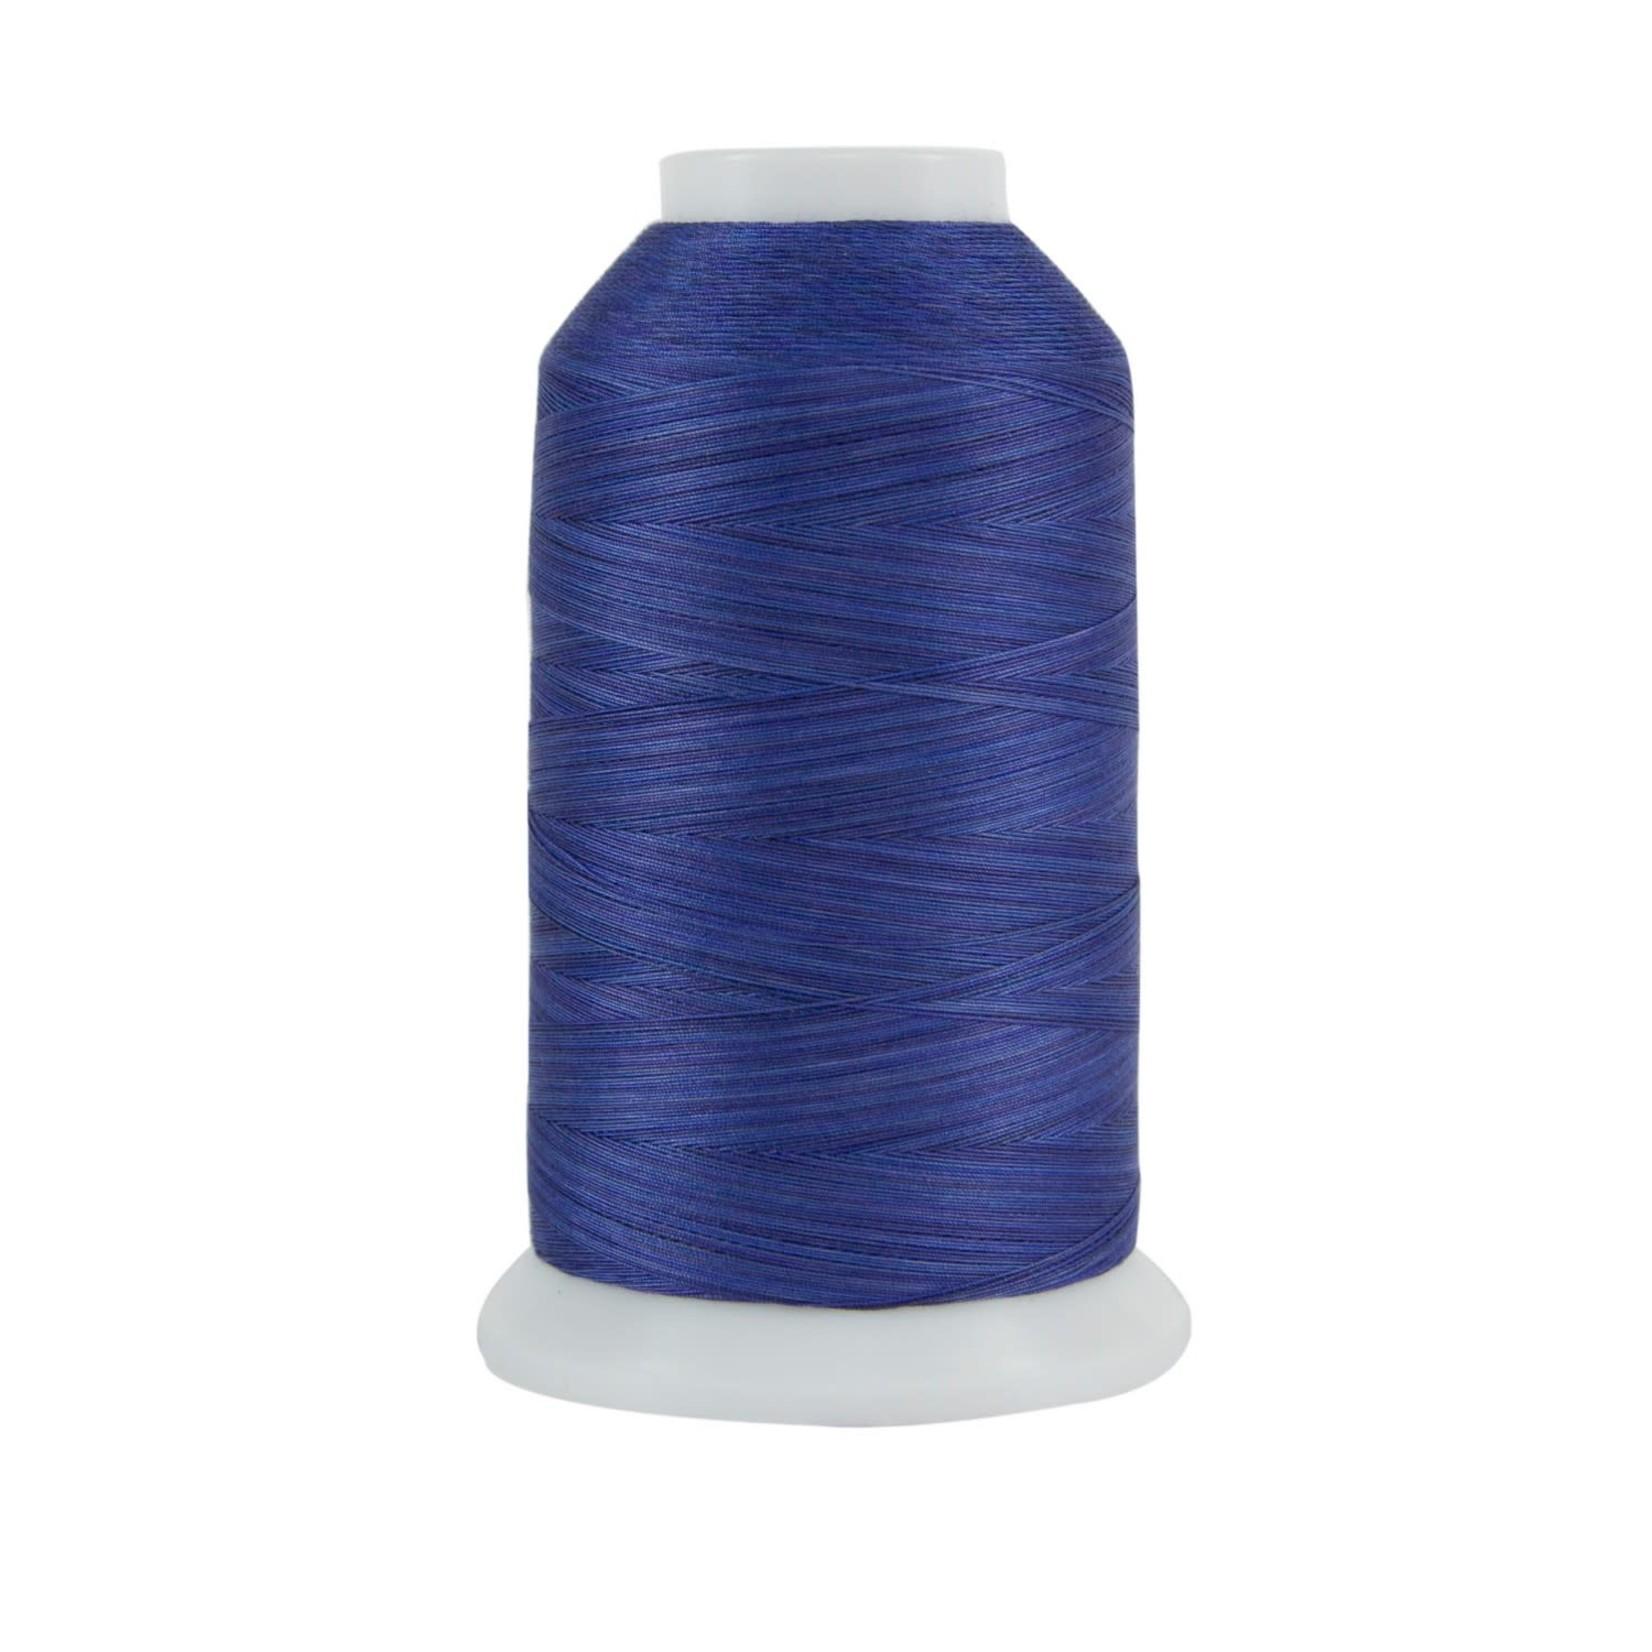 Superior Threads King Tut - #40 - 1828 m - 0953 Lobelia